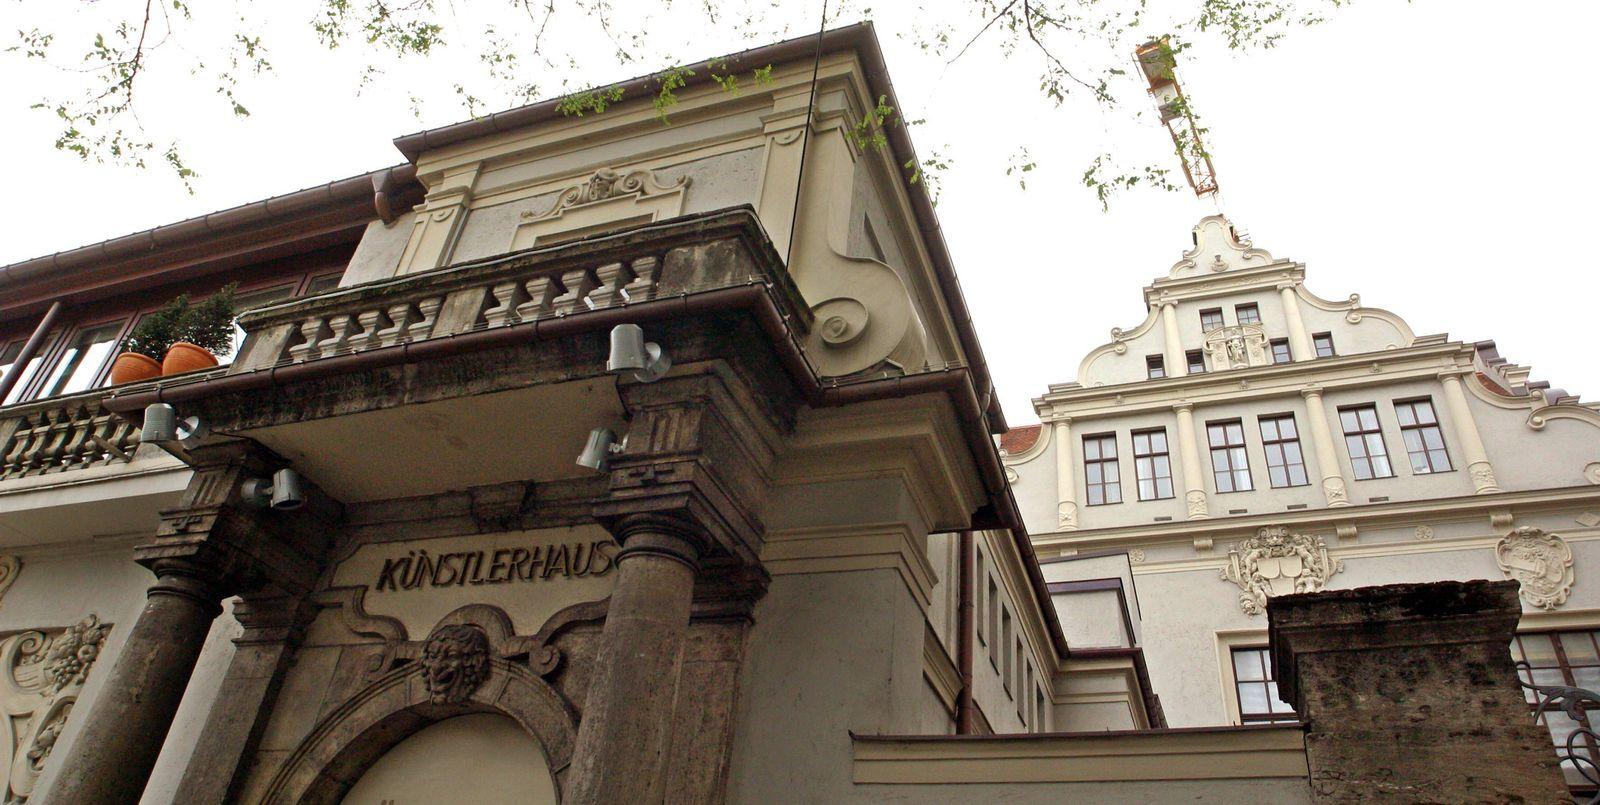 EINMALIGE VERWENDUNG Künstlerhaus / Lenbachplatz / München